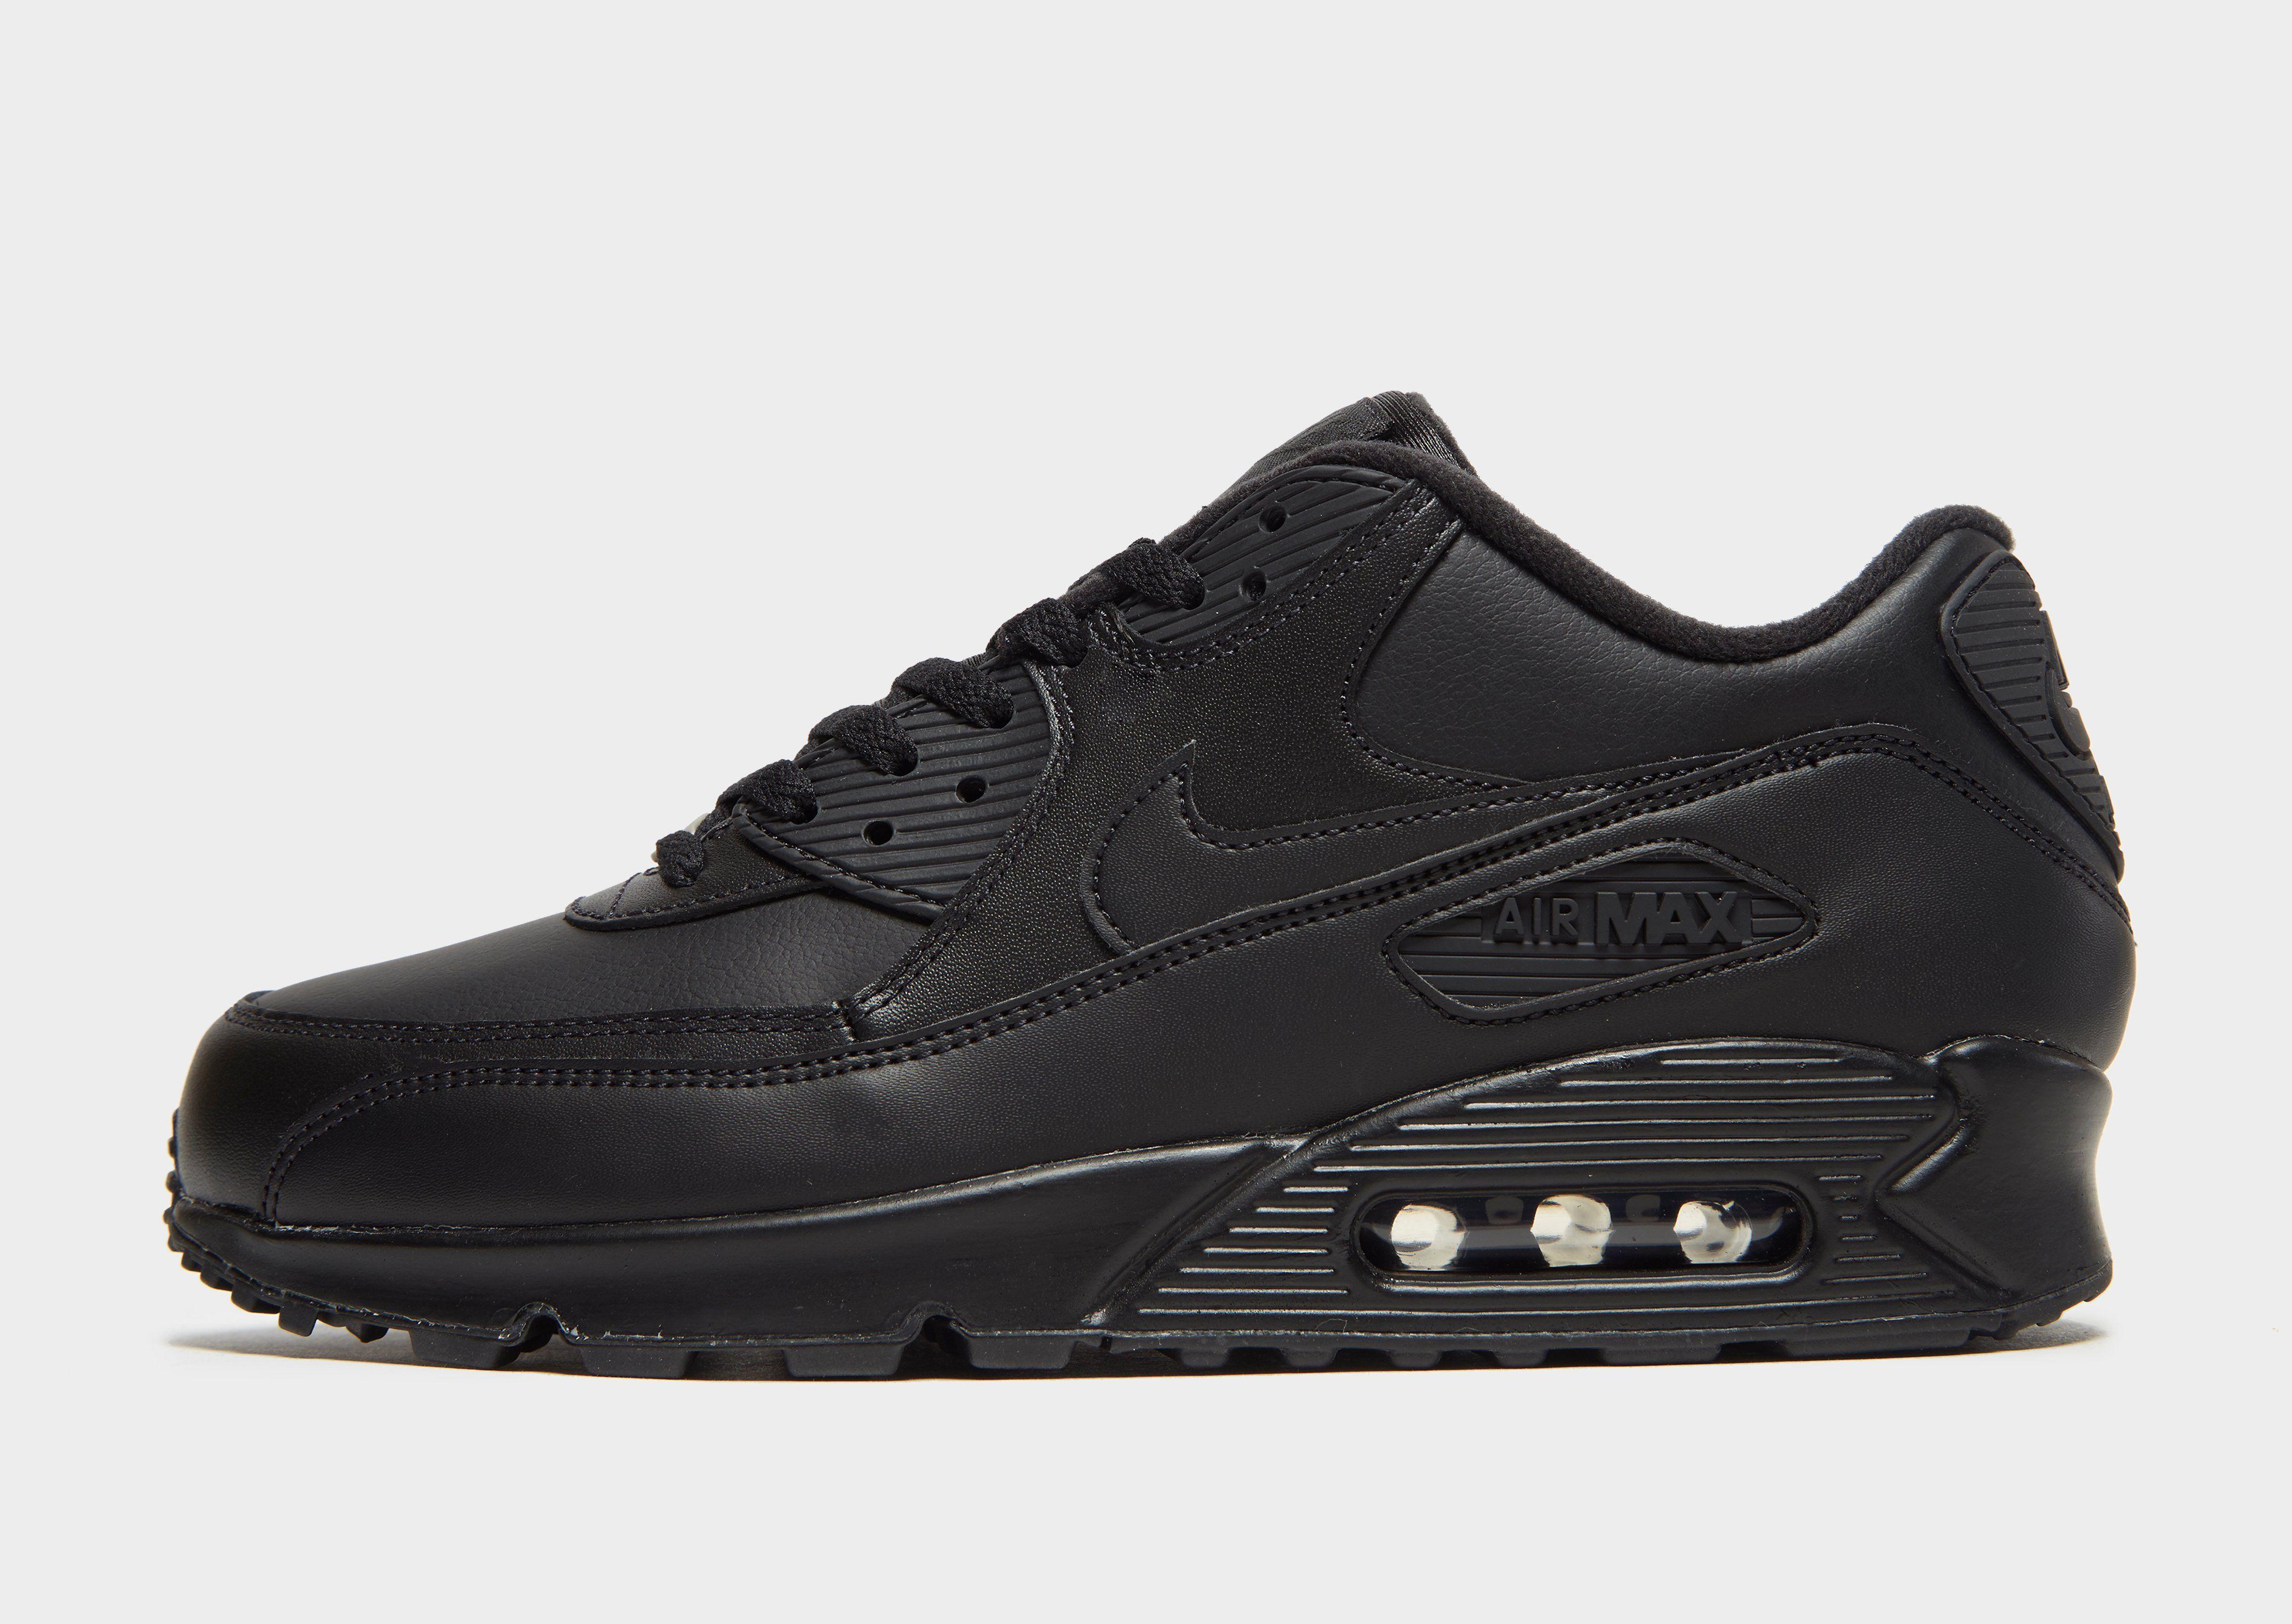 a13788900ea7f Nike Air Max 90 Leather